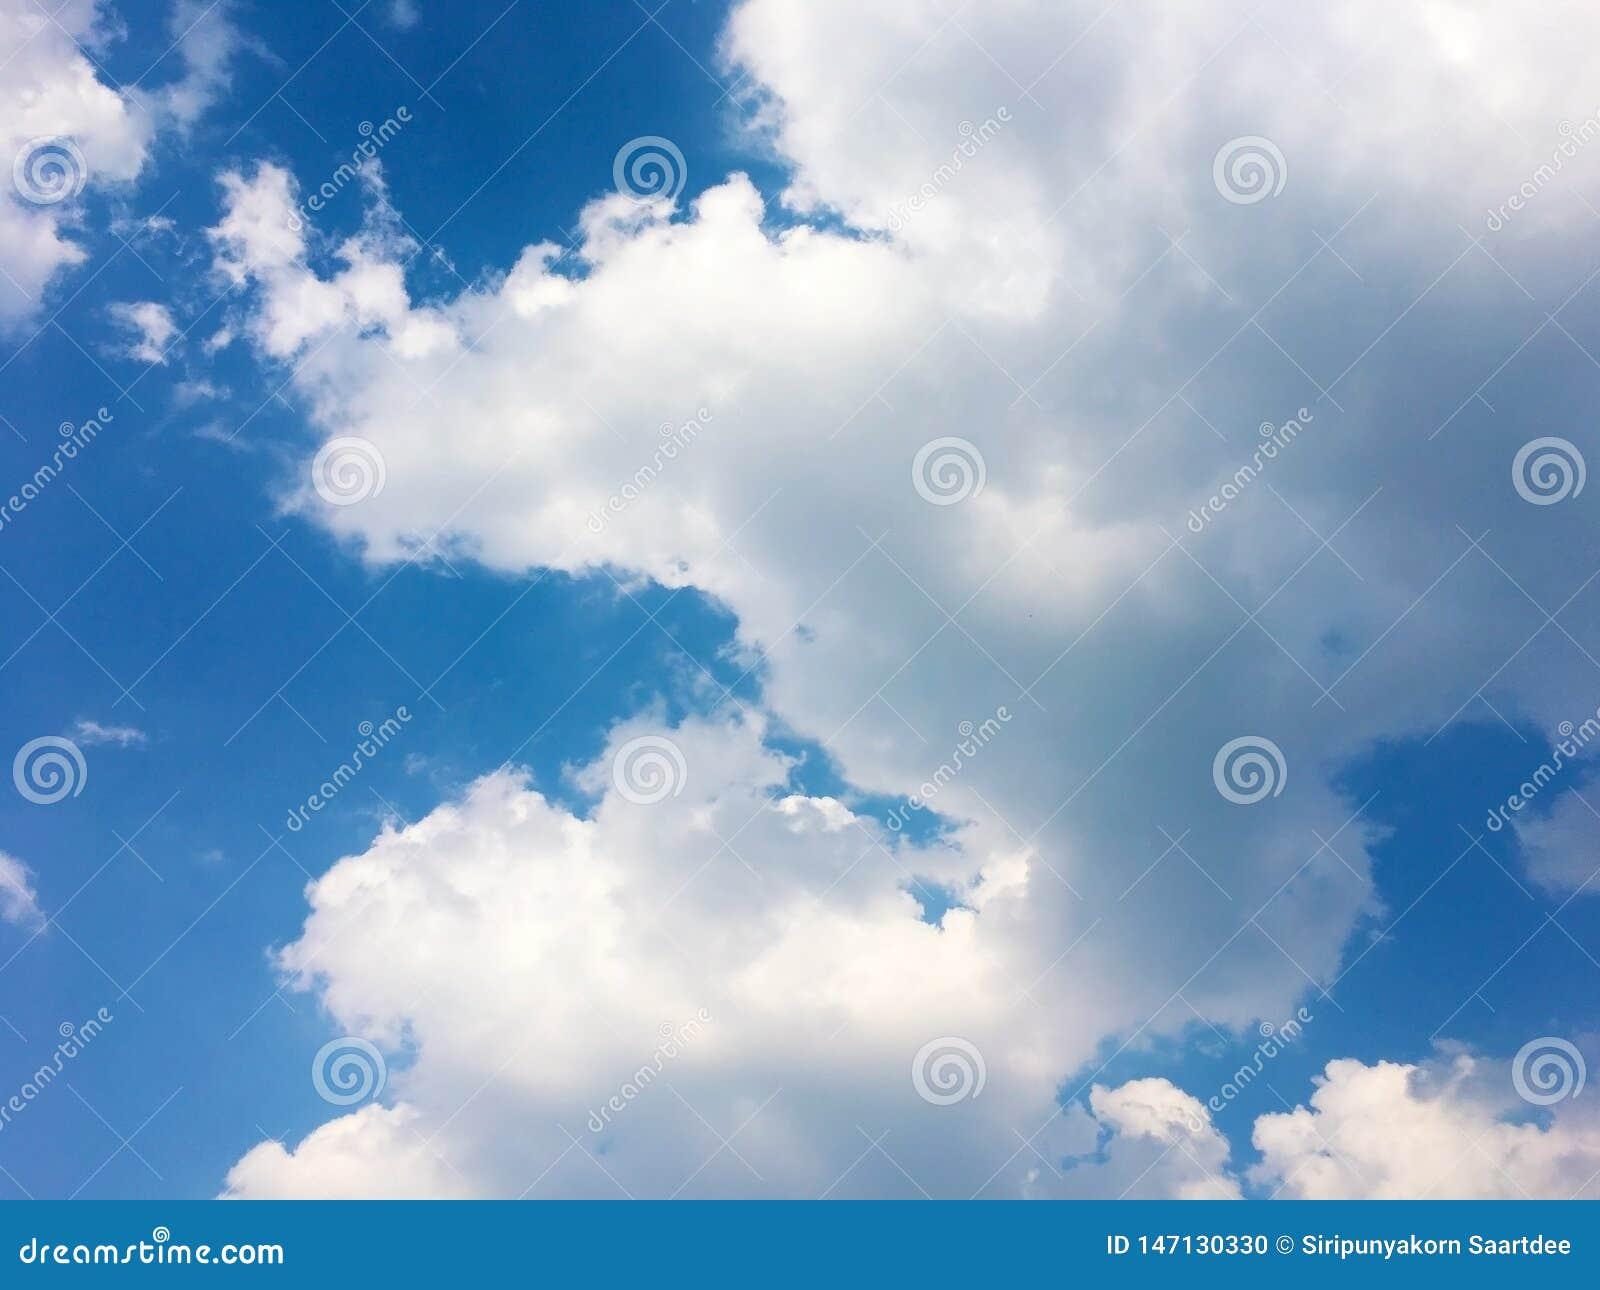 天空背景,cloudscape